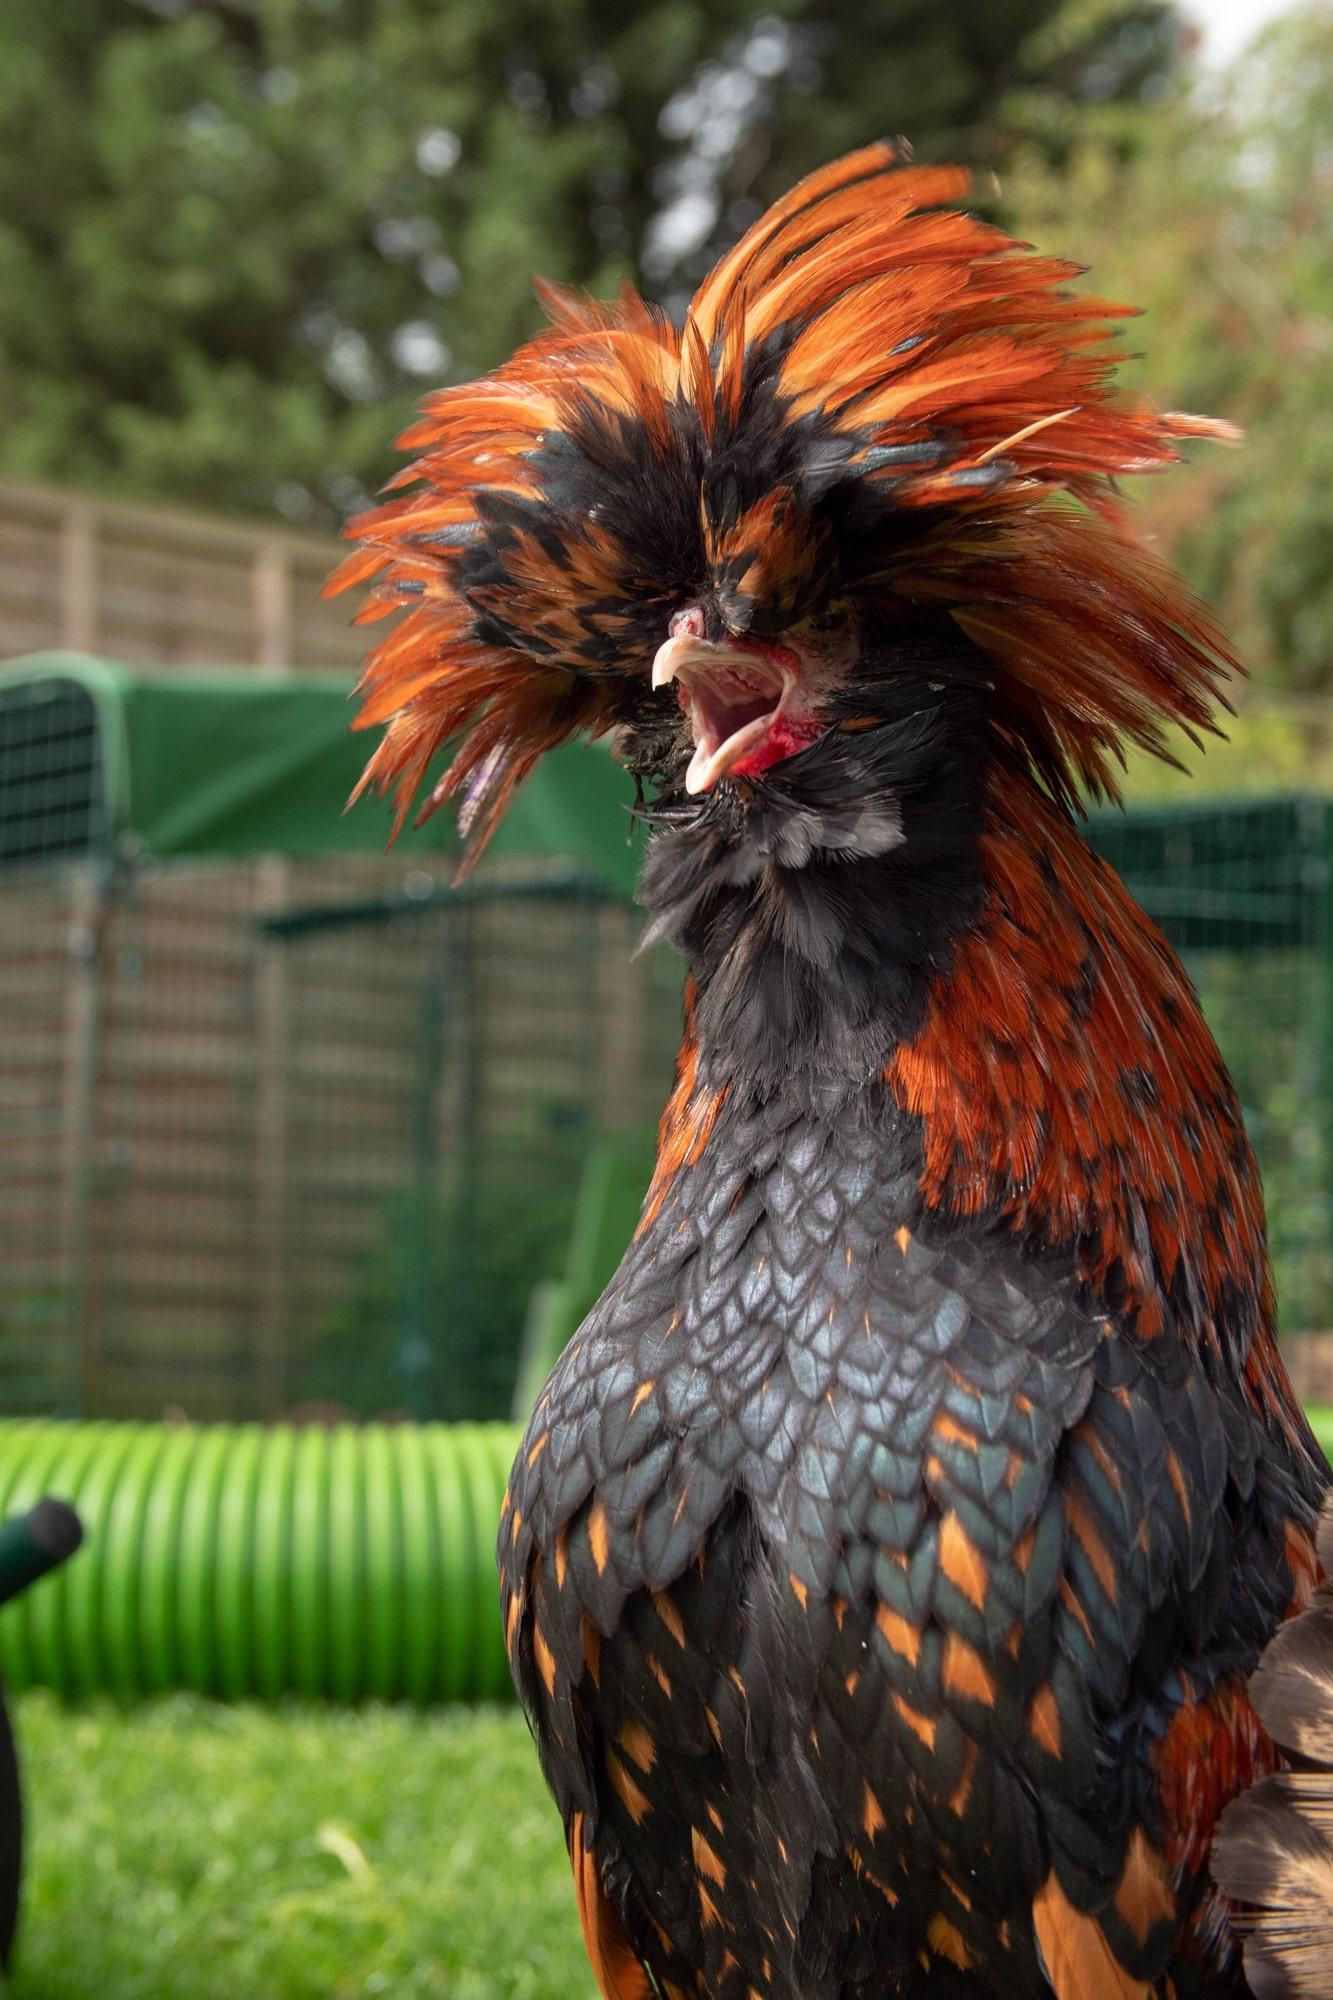 Une poule noire et orange à poils longs avec le bec grand ouvert